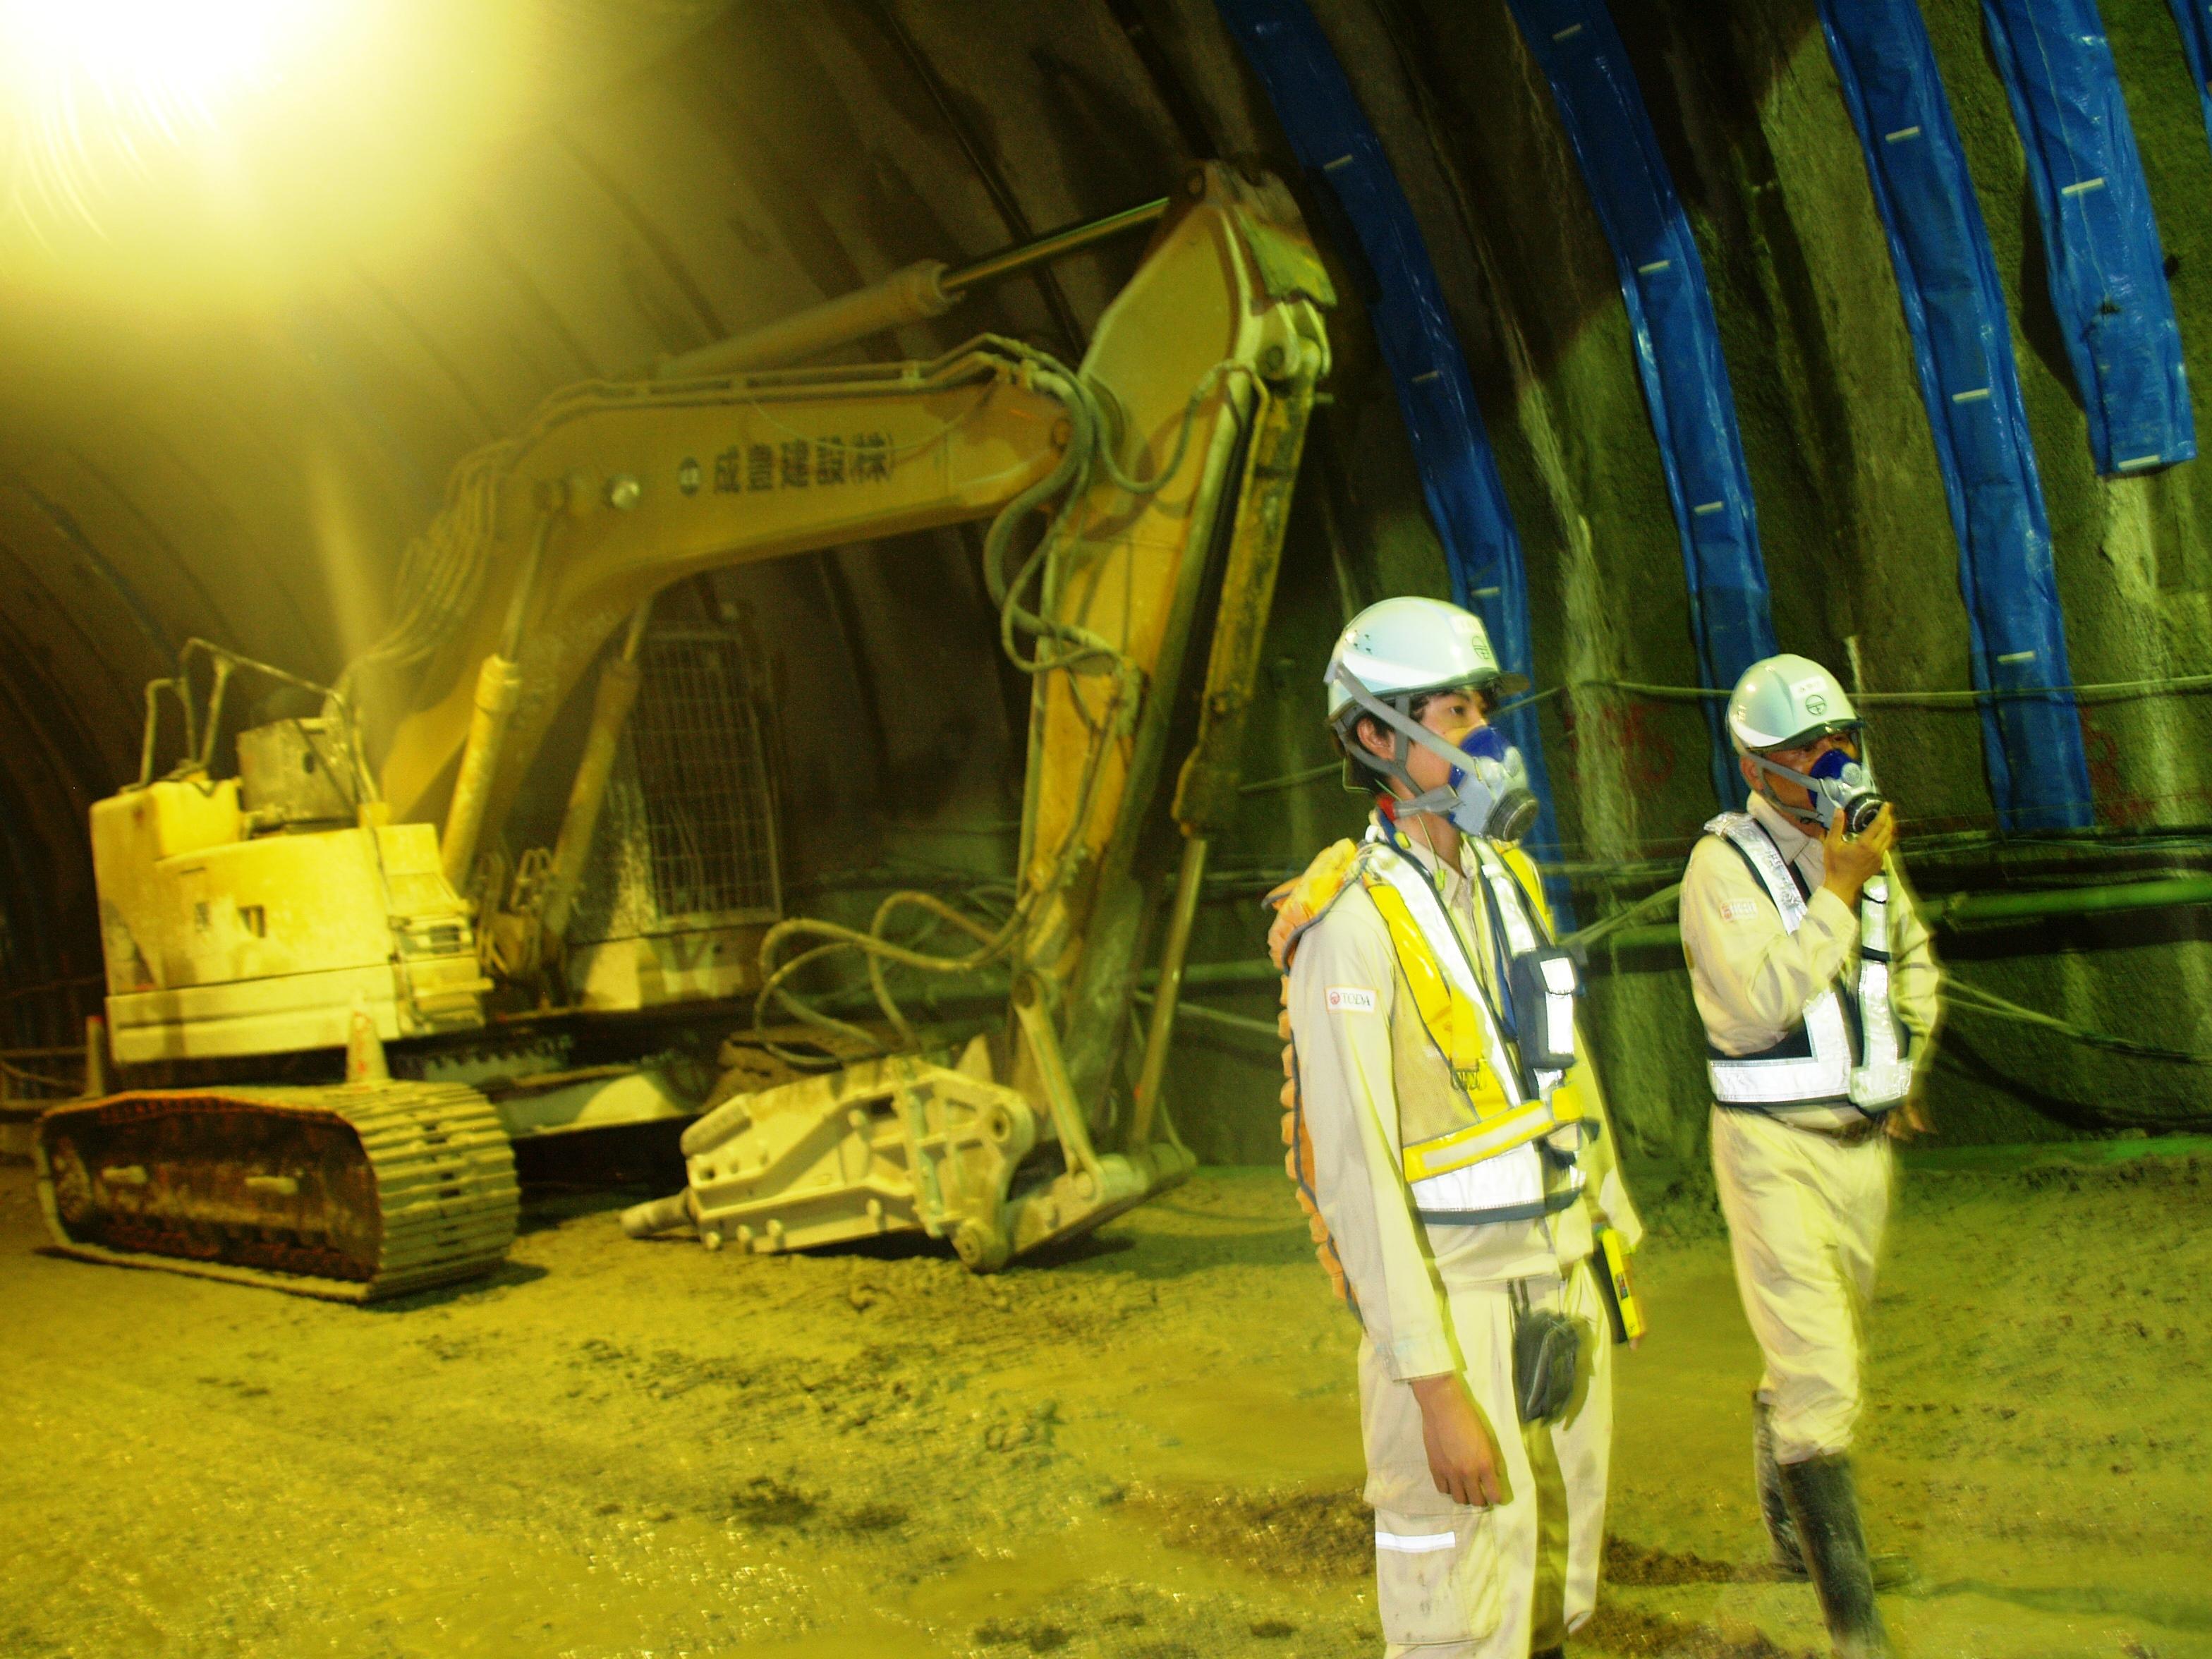 昼でも暗いトンネルの中、一生懸命働いています。